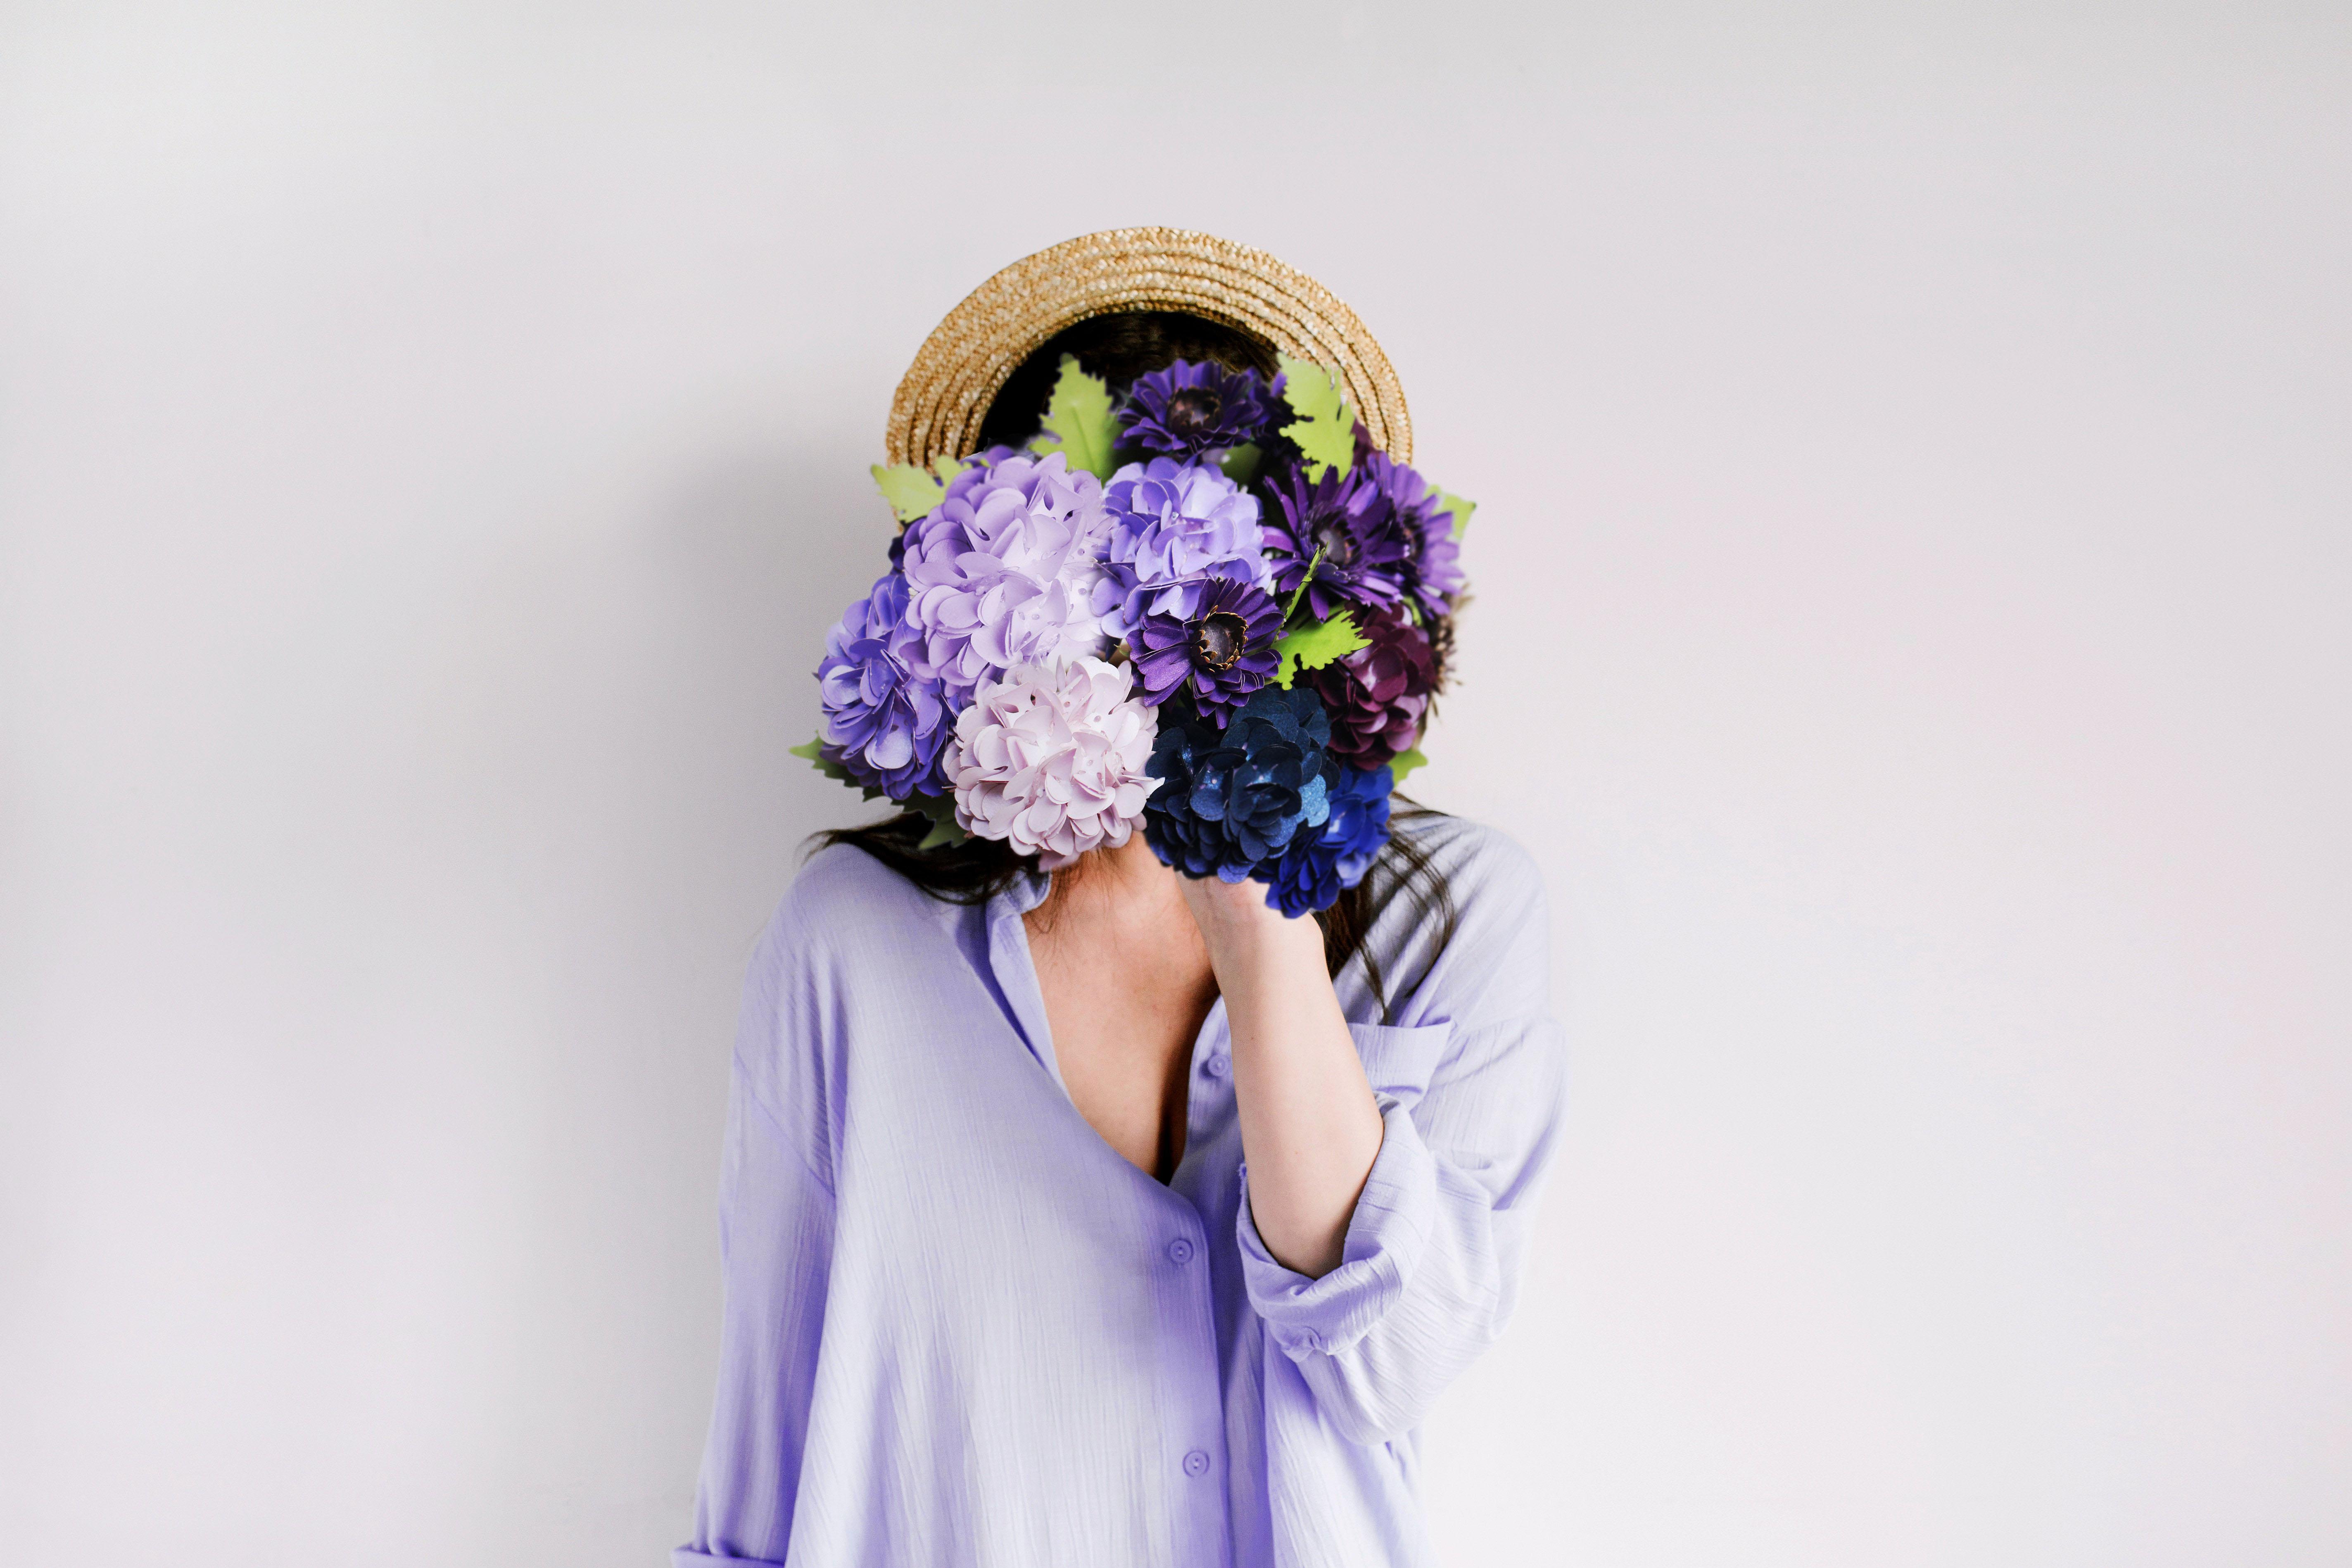 trí tuệ cảm xúc cô gái cầm hoa che mặt